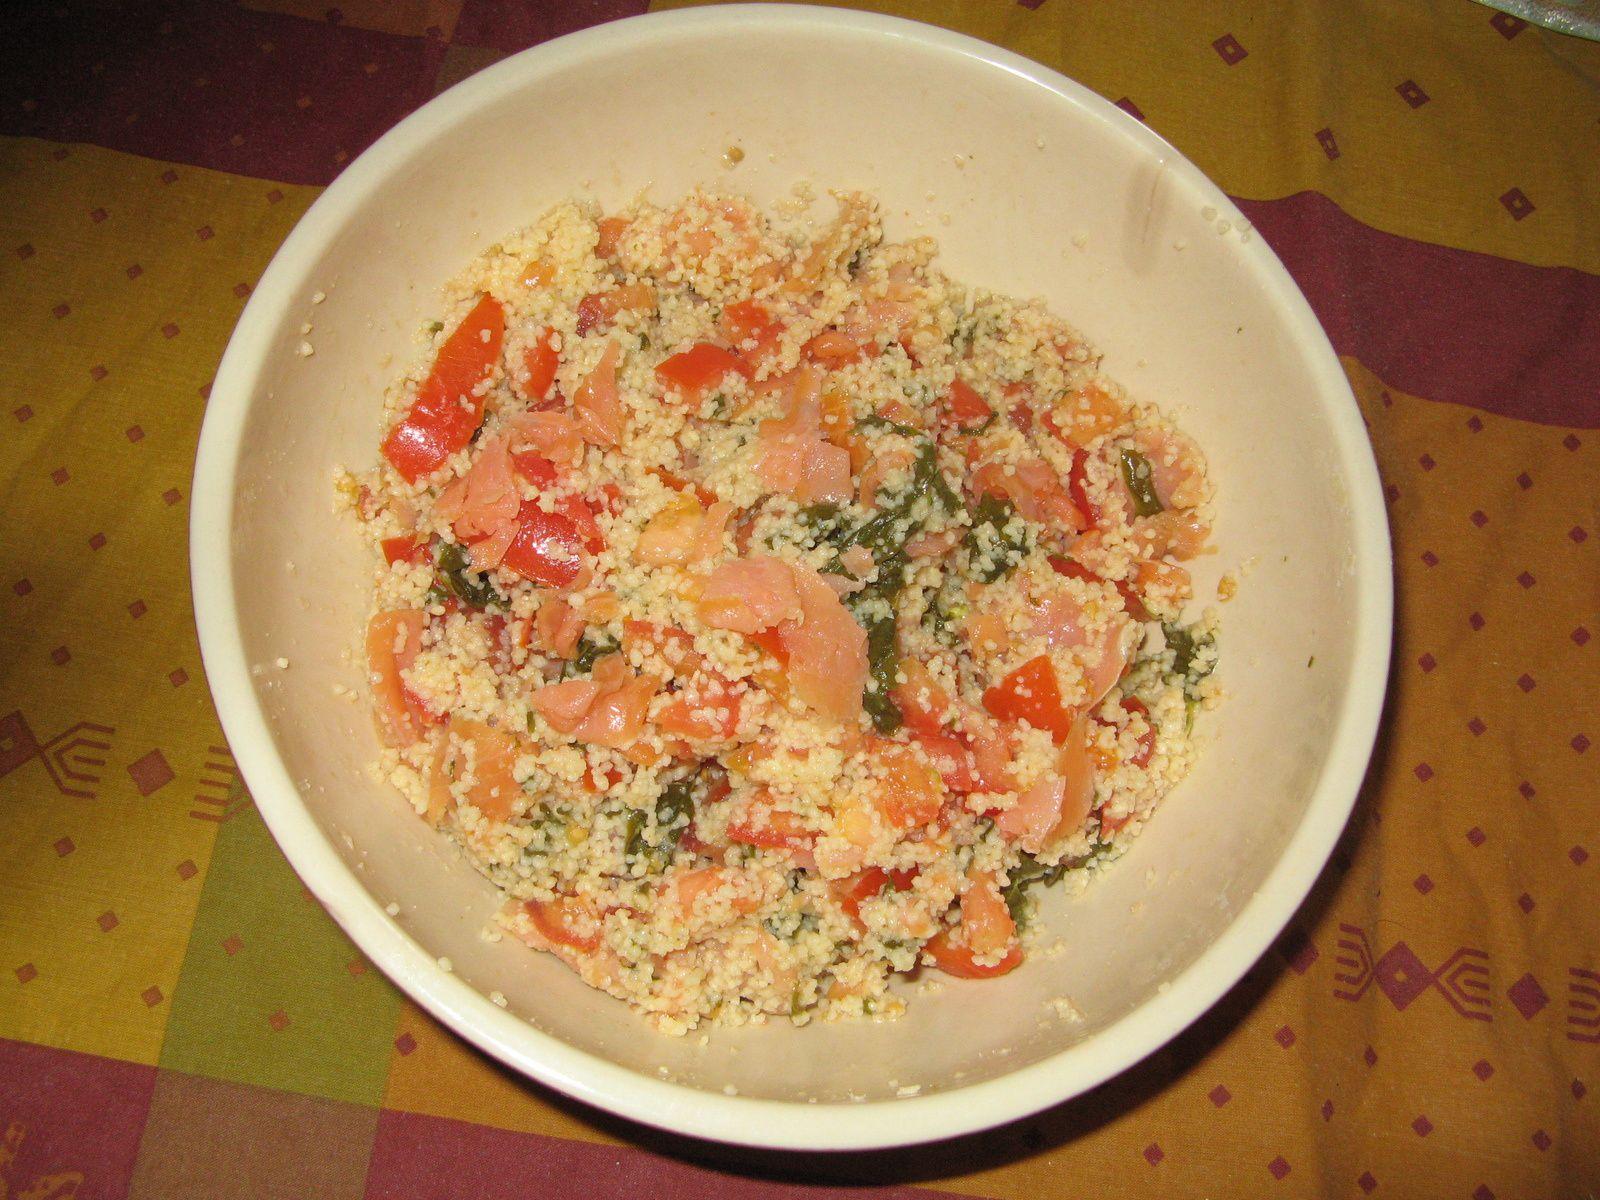 Salade de coucous au saumon fumé - crédit photo Isabelle Rhaimbault